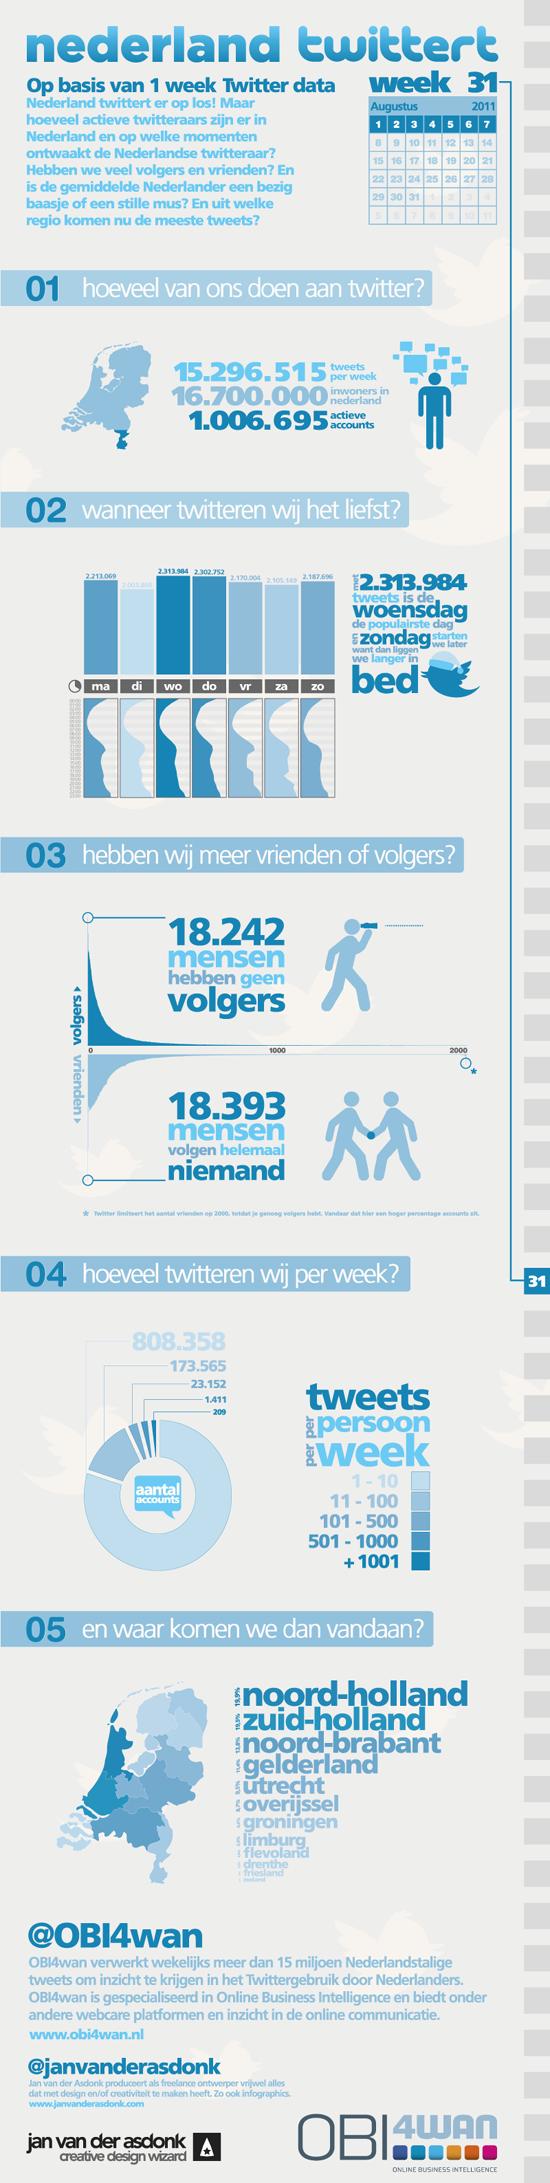 Het is weer tijd voor een update van Twitter statistieken in Nederland. Met dank aan @OBI4wan is het Nederlandse Twitter gebruik in een informatieve presentatie samengevat. Met meer dan 1 miljoen actieve Nederlandse gebruikers (met tenminste 1 tweet in week 31) is het aardig om te weten dat men in […]